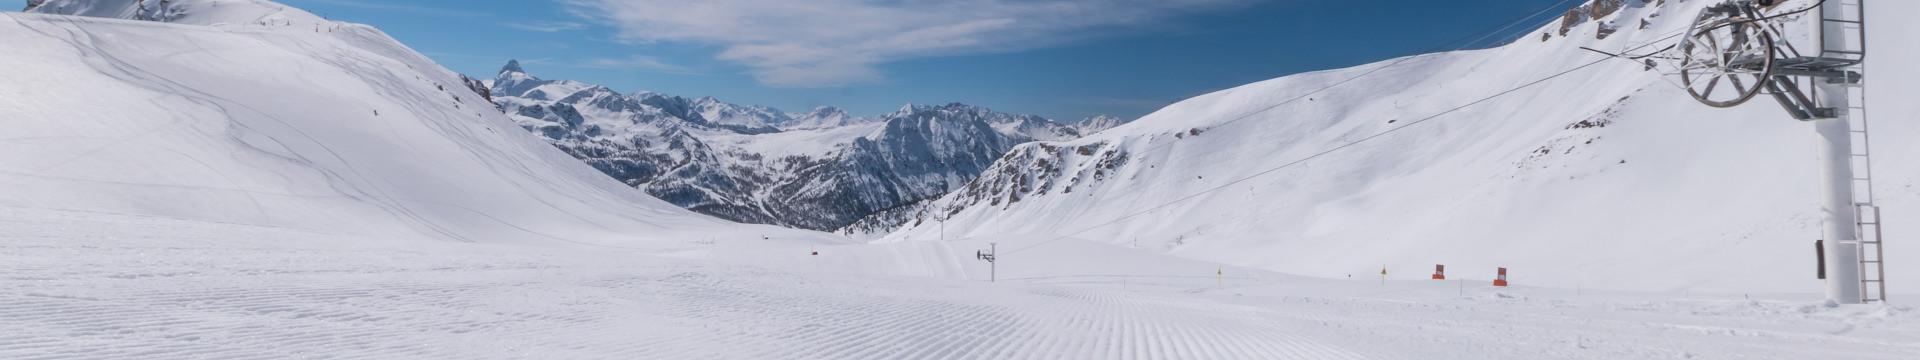 Les stations de ski alpin du Briançonnais